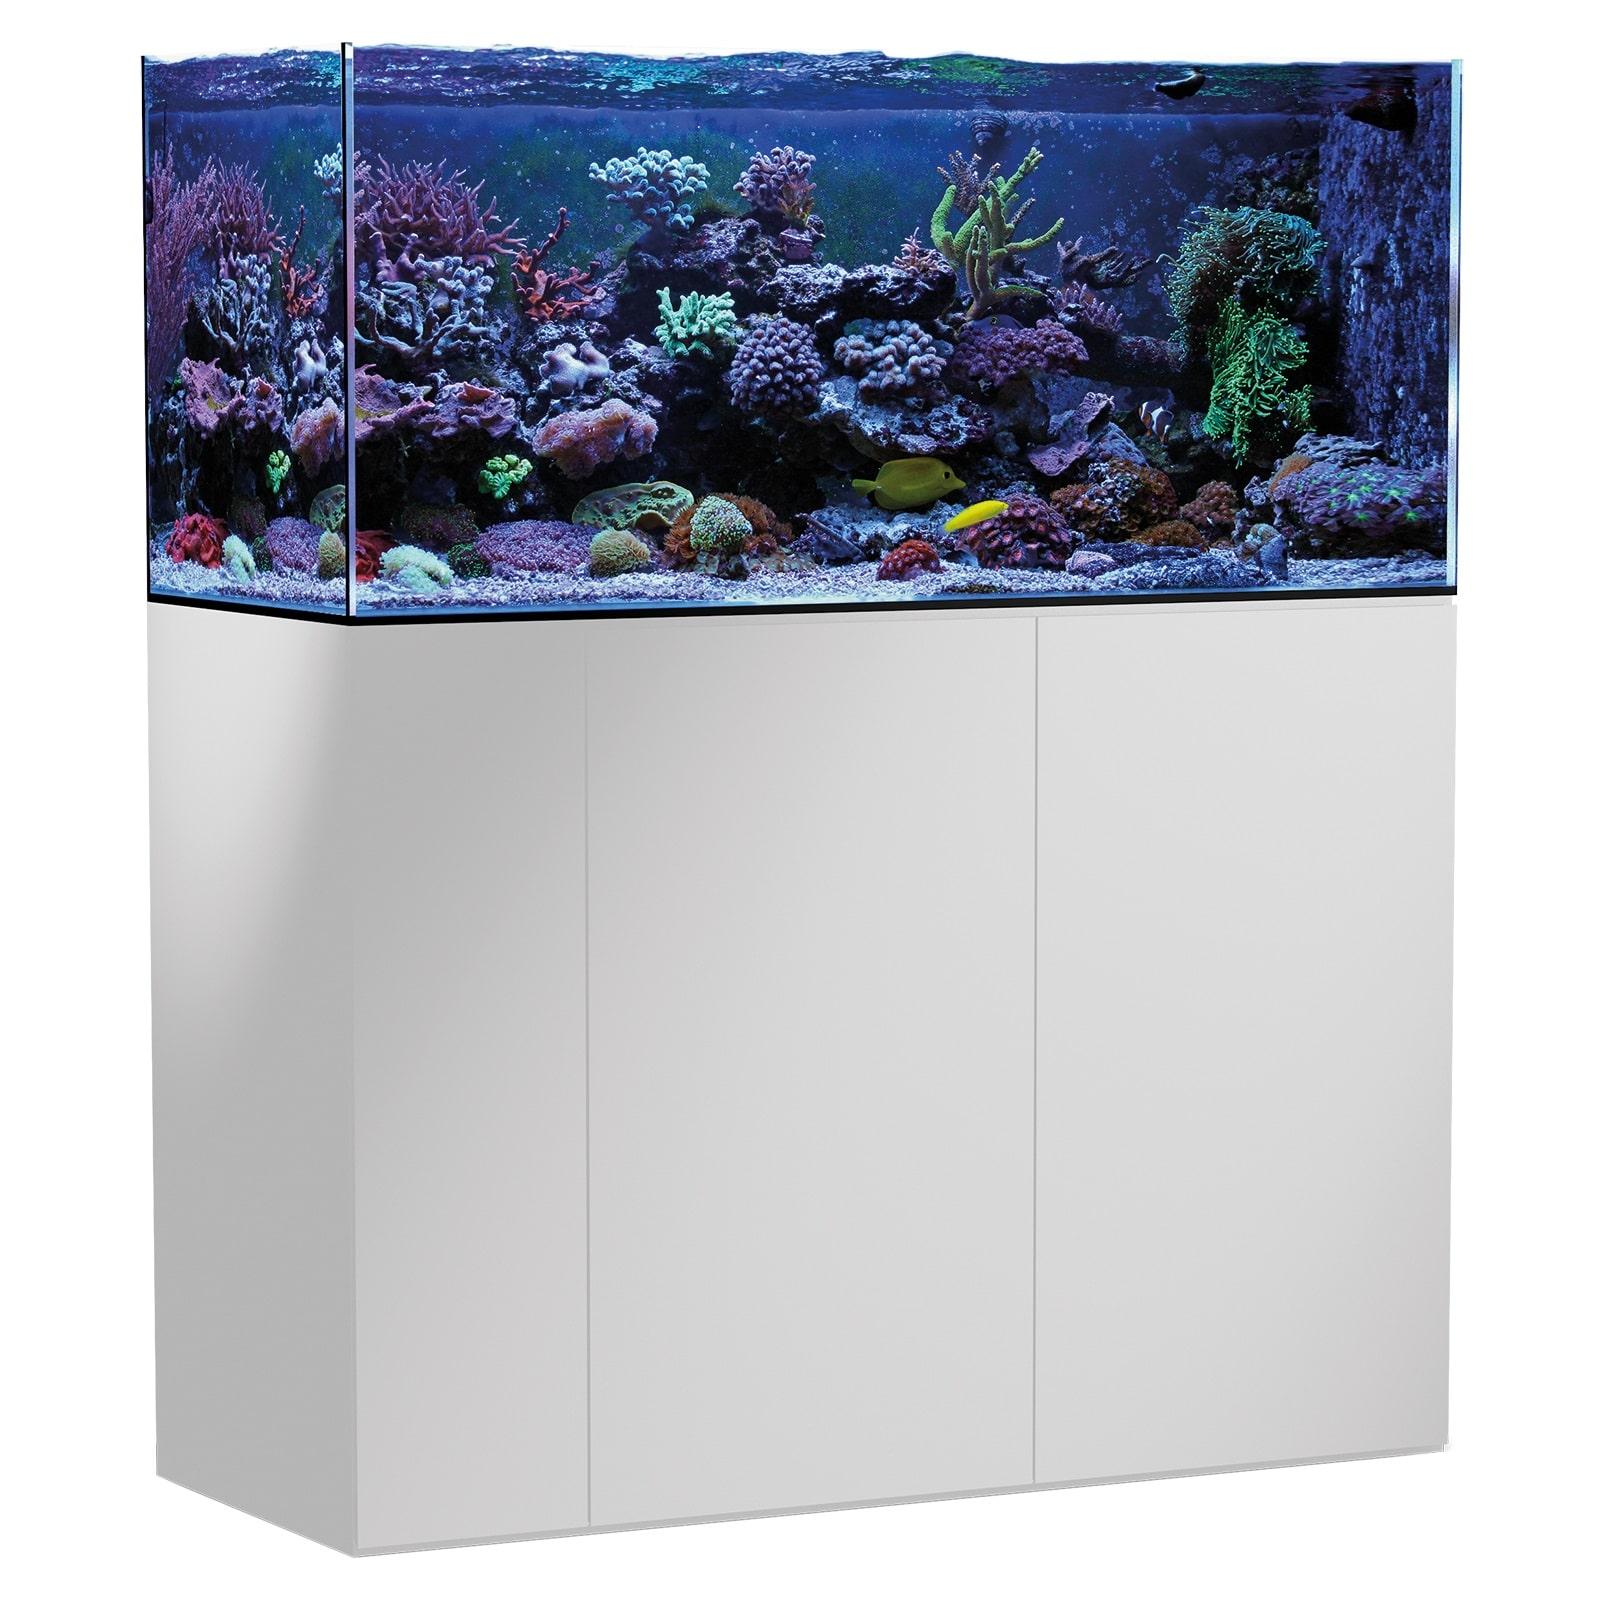 aqua-medic-armatus-400-blanc-kit-aquarium-eau-de-mer-315-l-avec-meuble-et-decantation-min